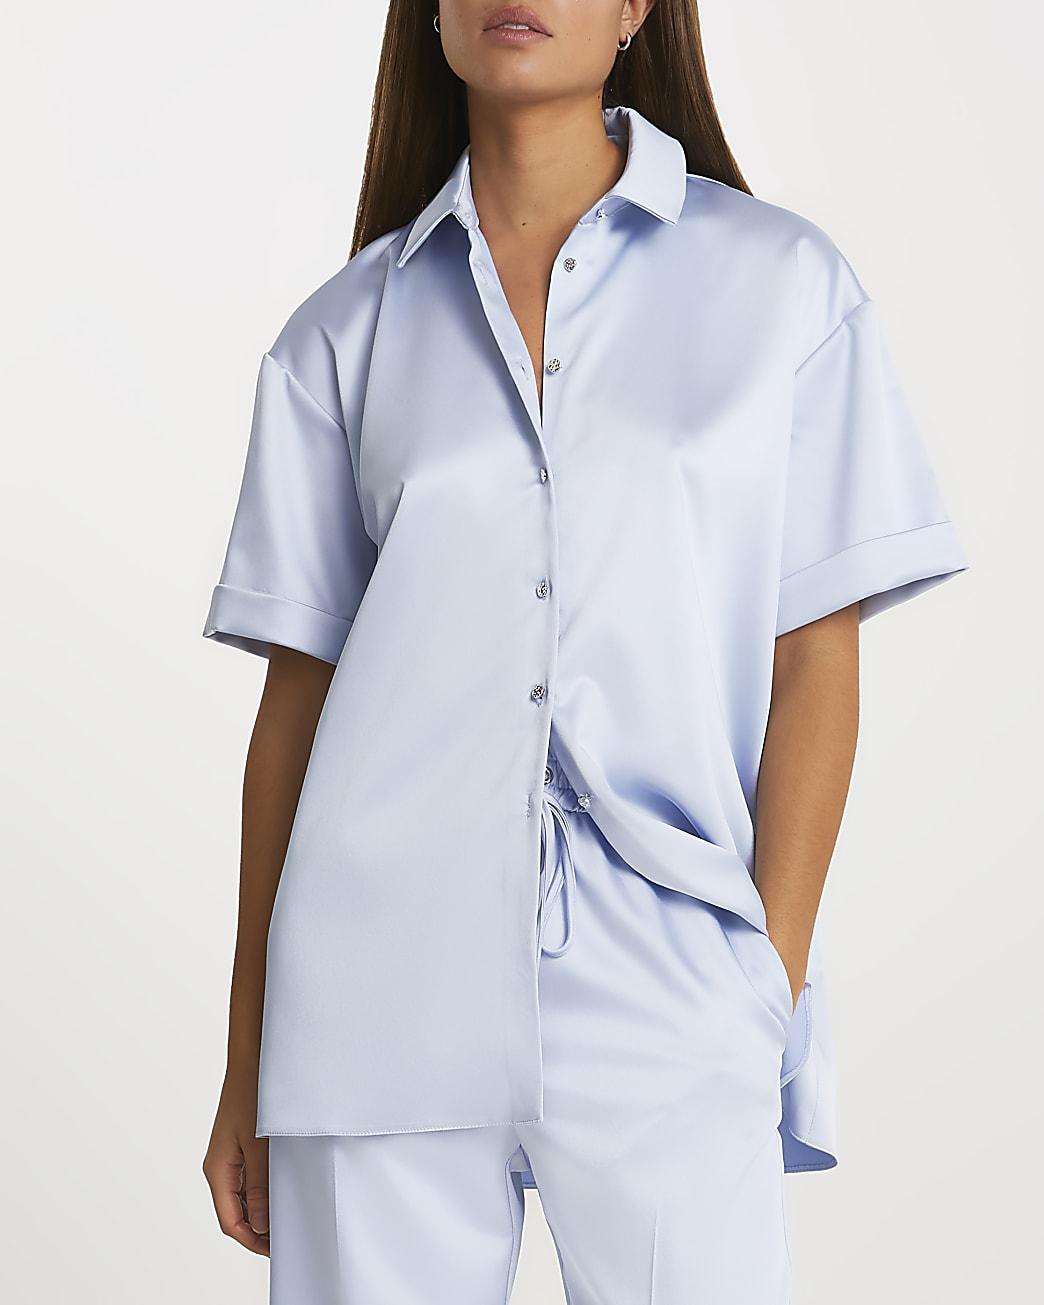 Blue short sleeve shirt